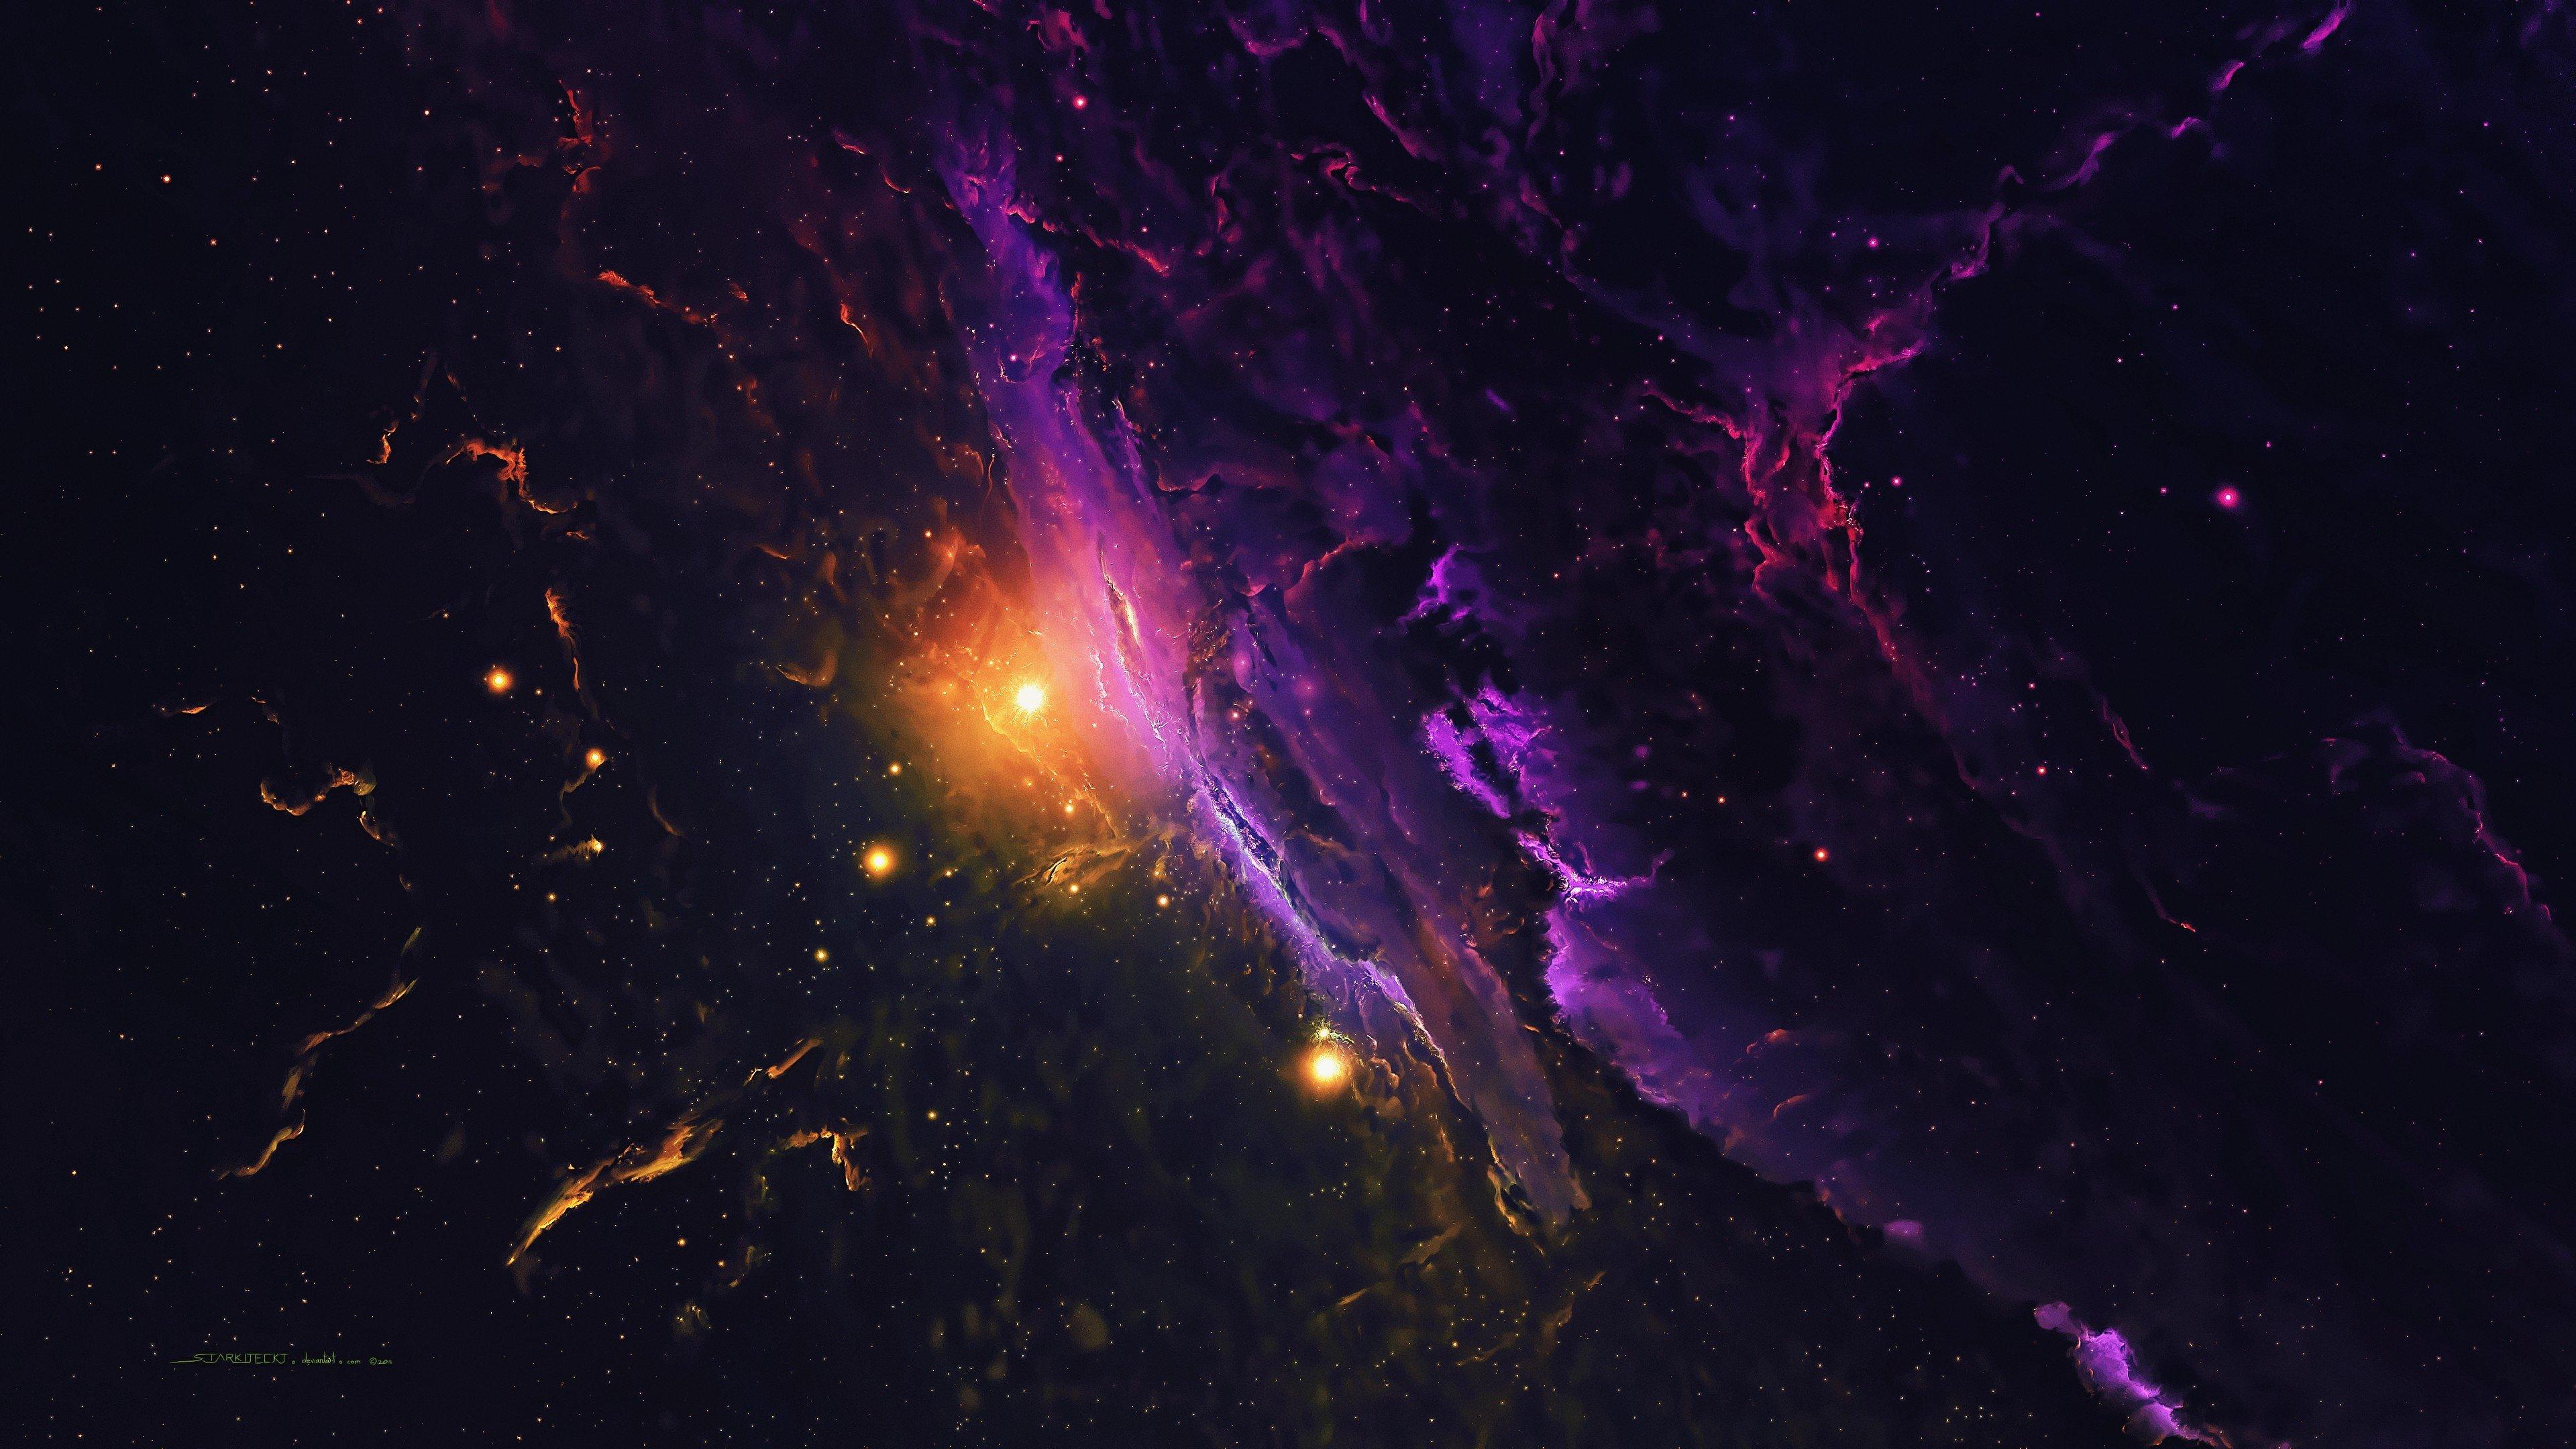 Fondos de pantalla Galaxia en el espacio